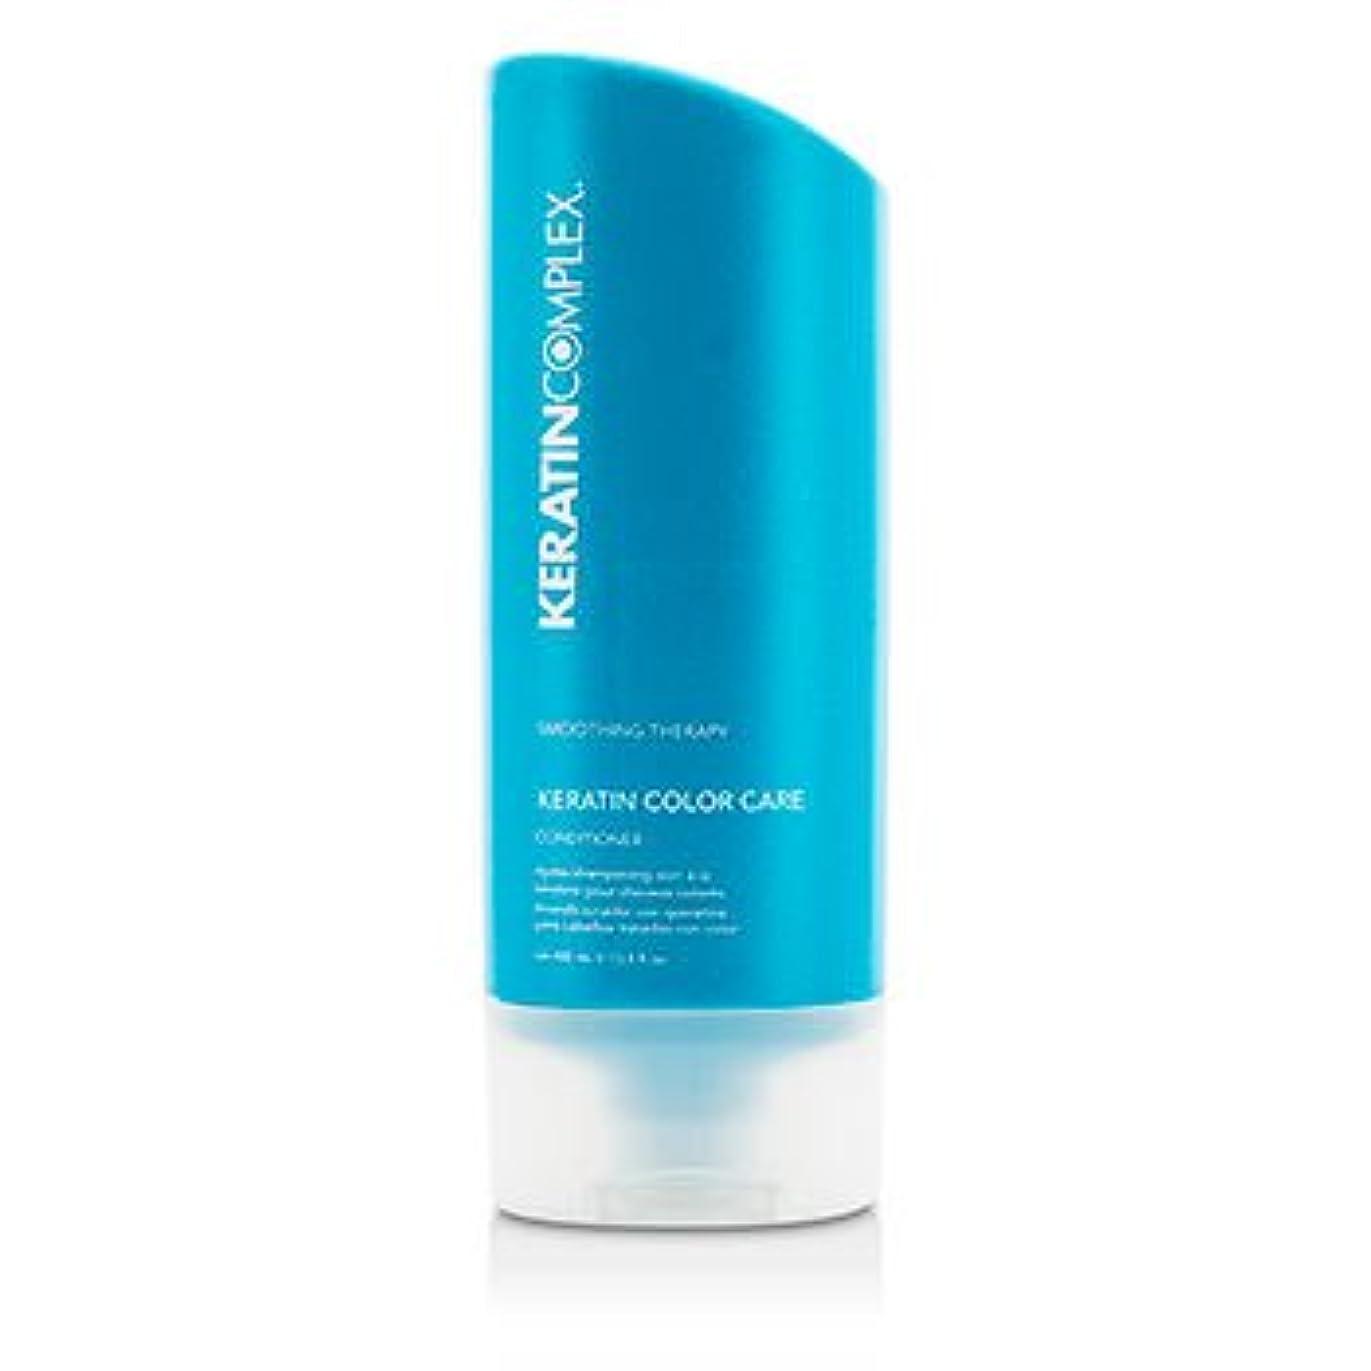 左却下する順応性[Keratin Complex] Smoothing Therapy Keratin Color Care Conditioner (For All Hair Types) 400ml/13.5oz